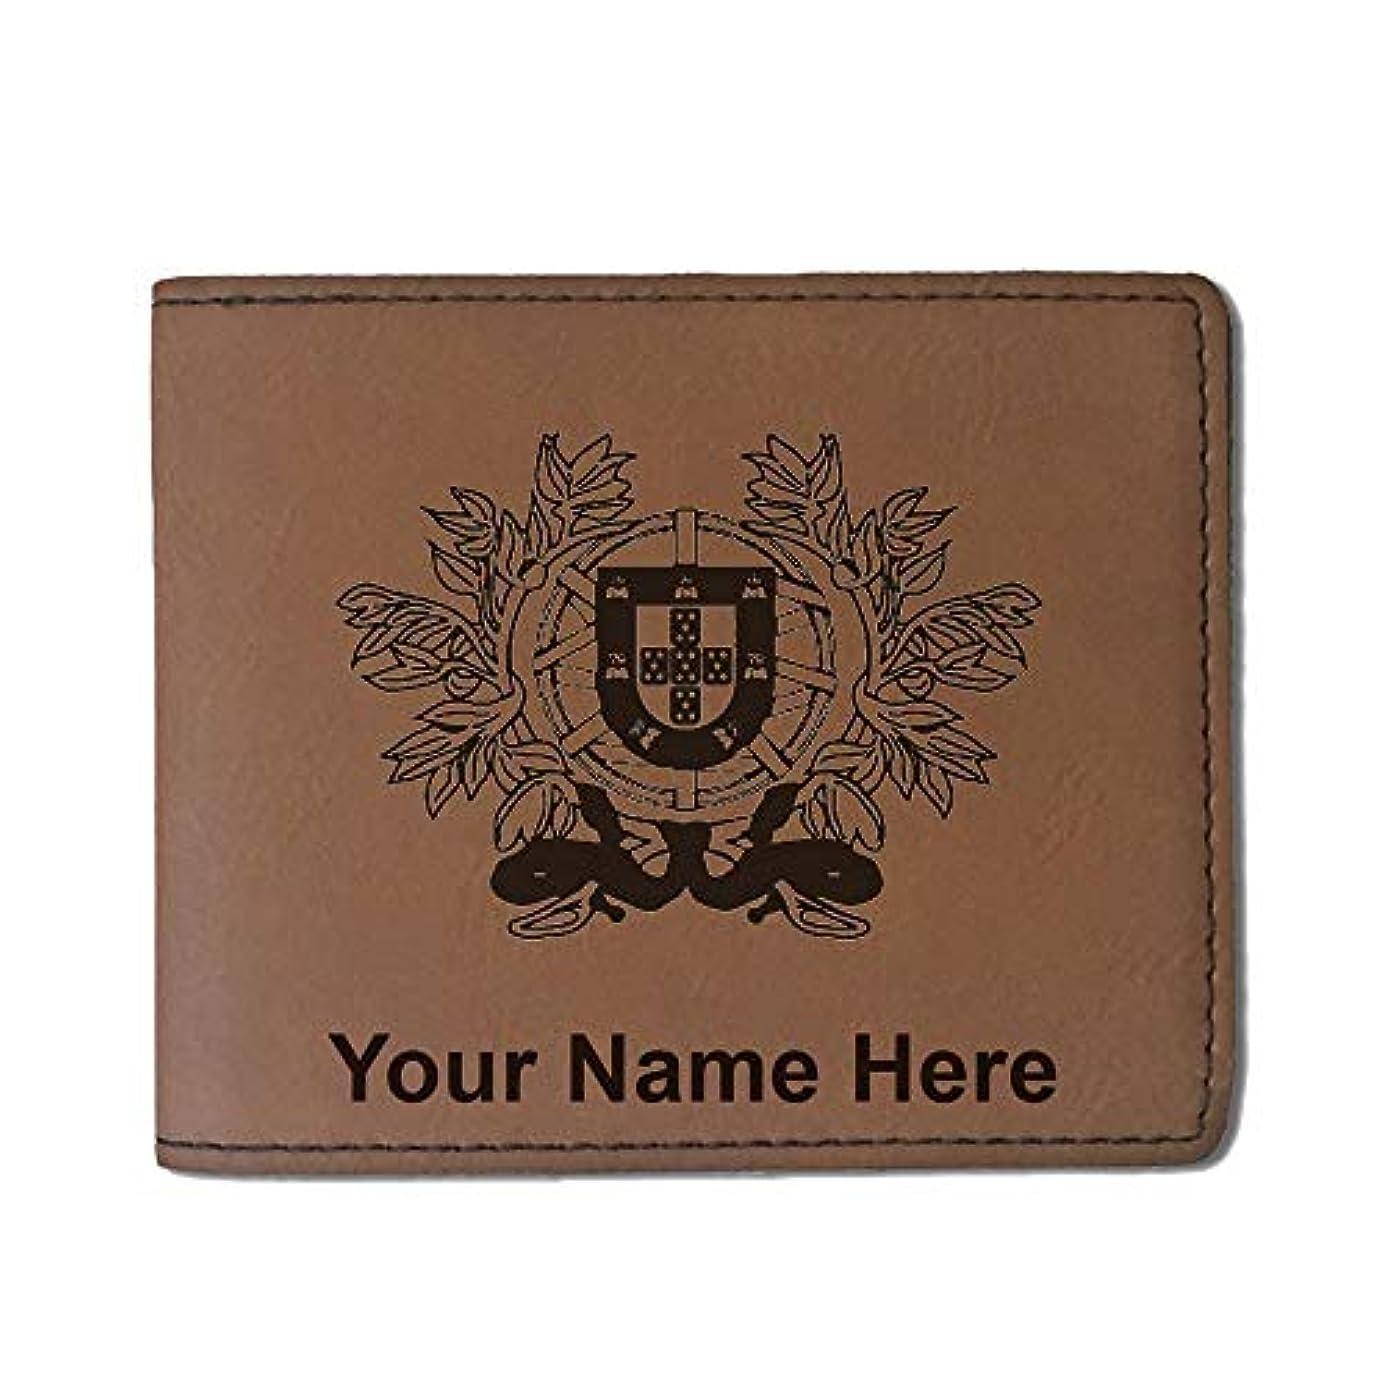 やりがいのある冷ややかな非常に怒っていますフェイクレザー財布 – Coat Of Arms Portugal – カスタマイズ彫刻Included (ダークブラウン)